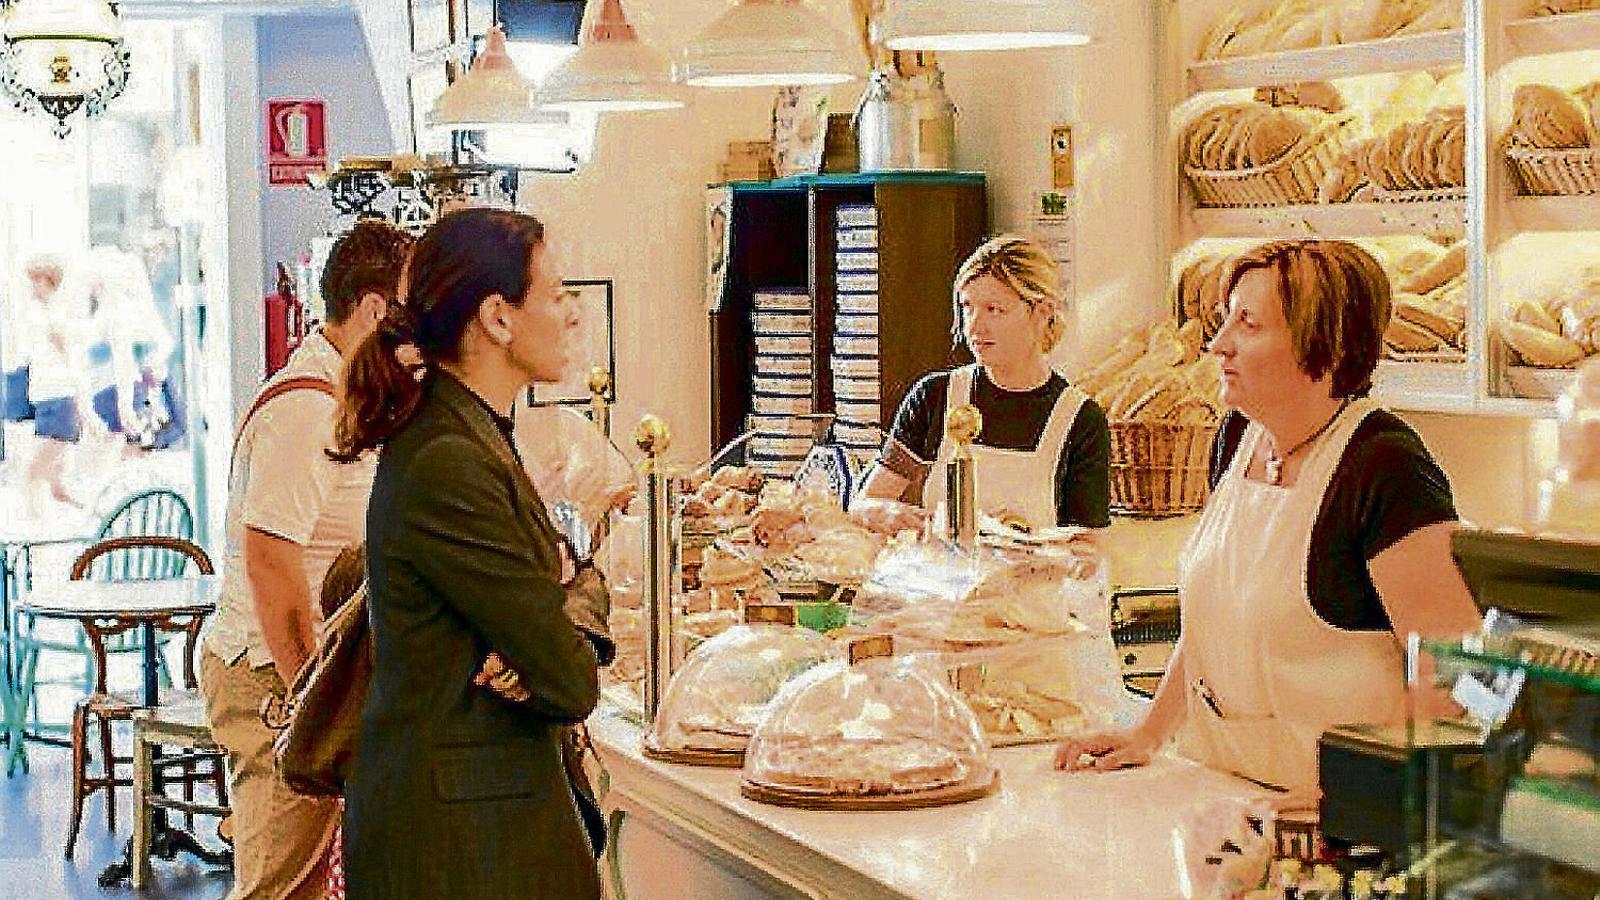 Els residents a les Illes Balears són els que consumeixen més brioixos i pastissos de tot l'Estat